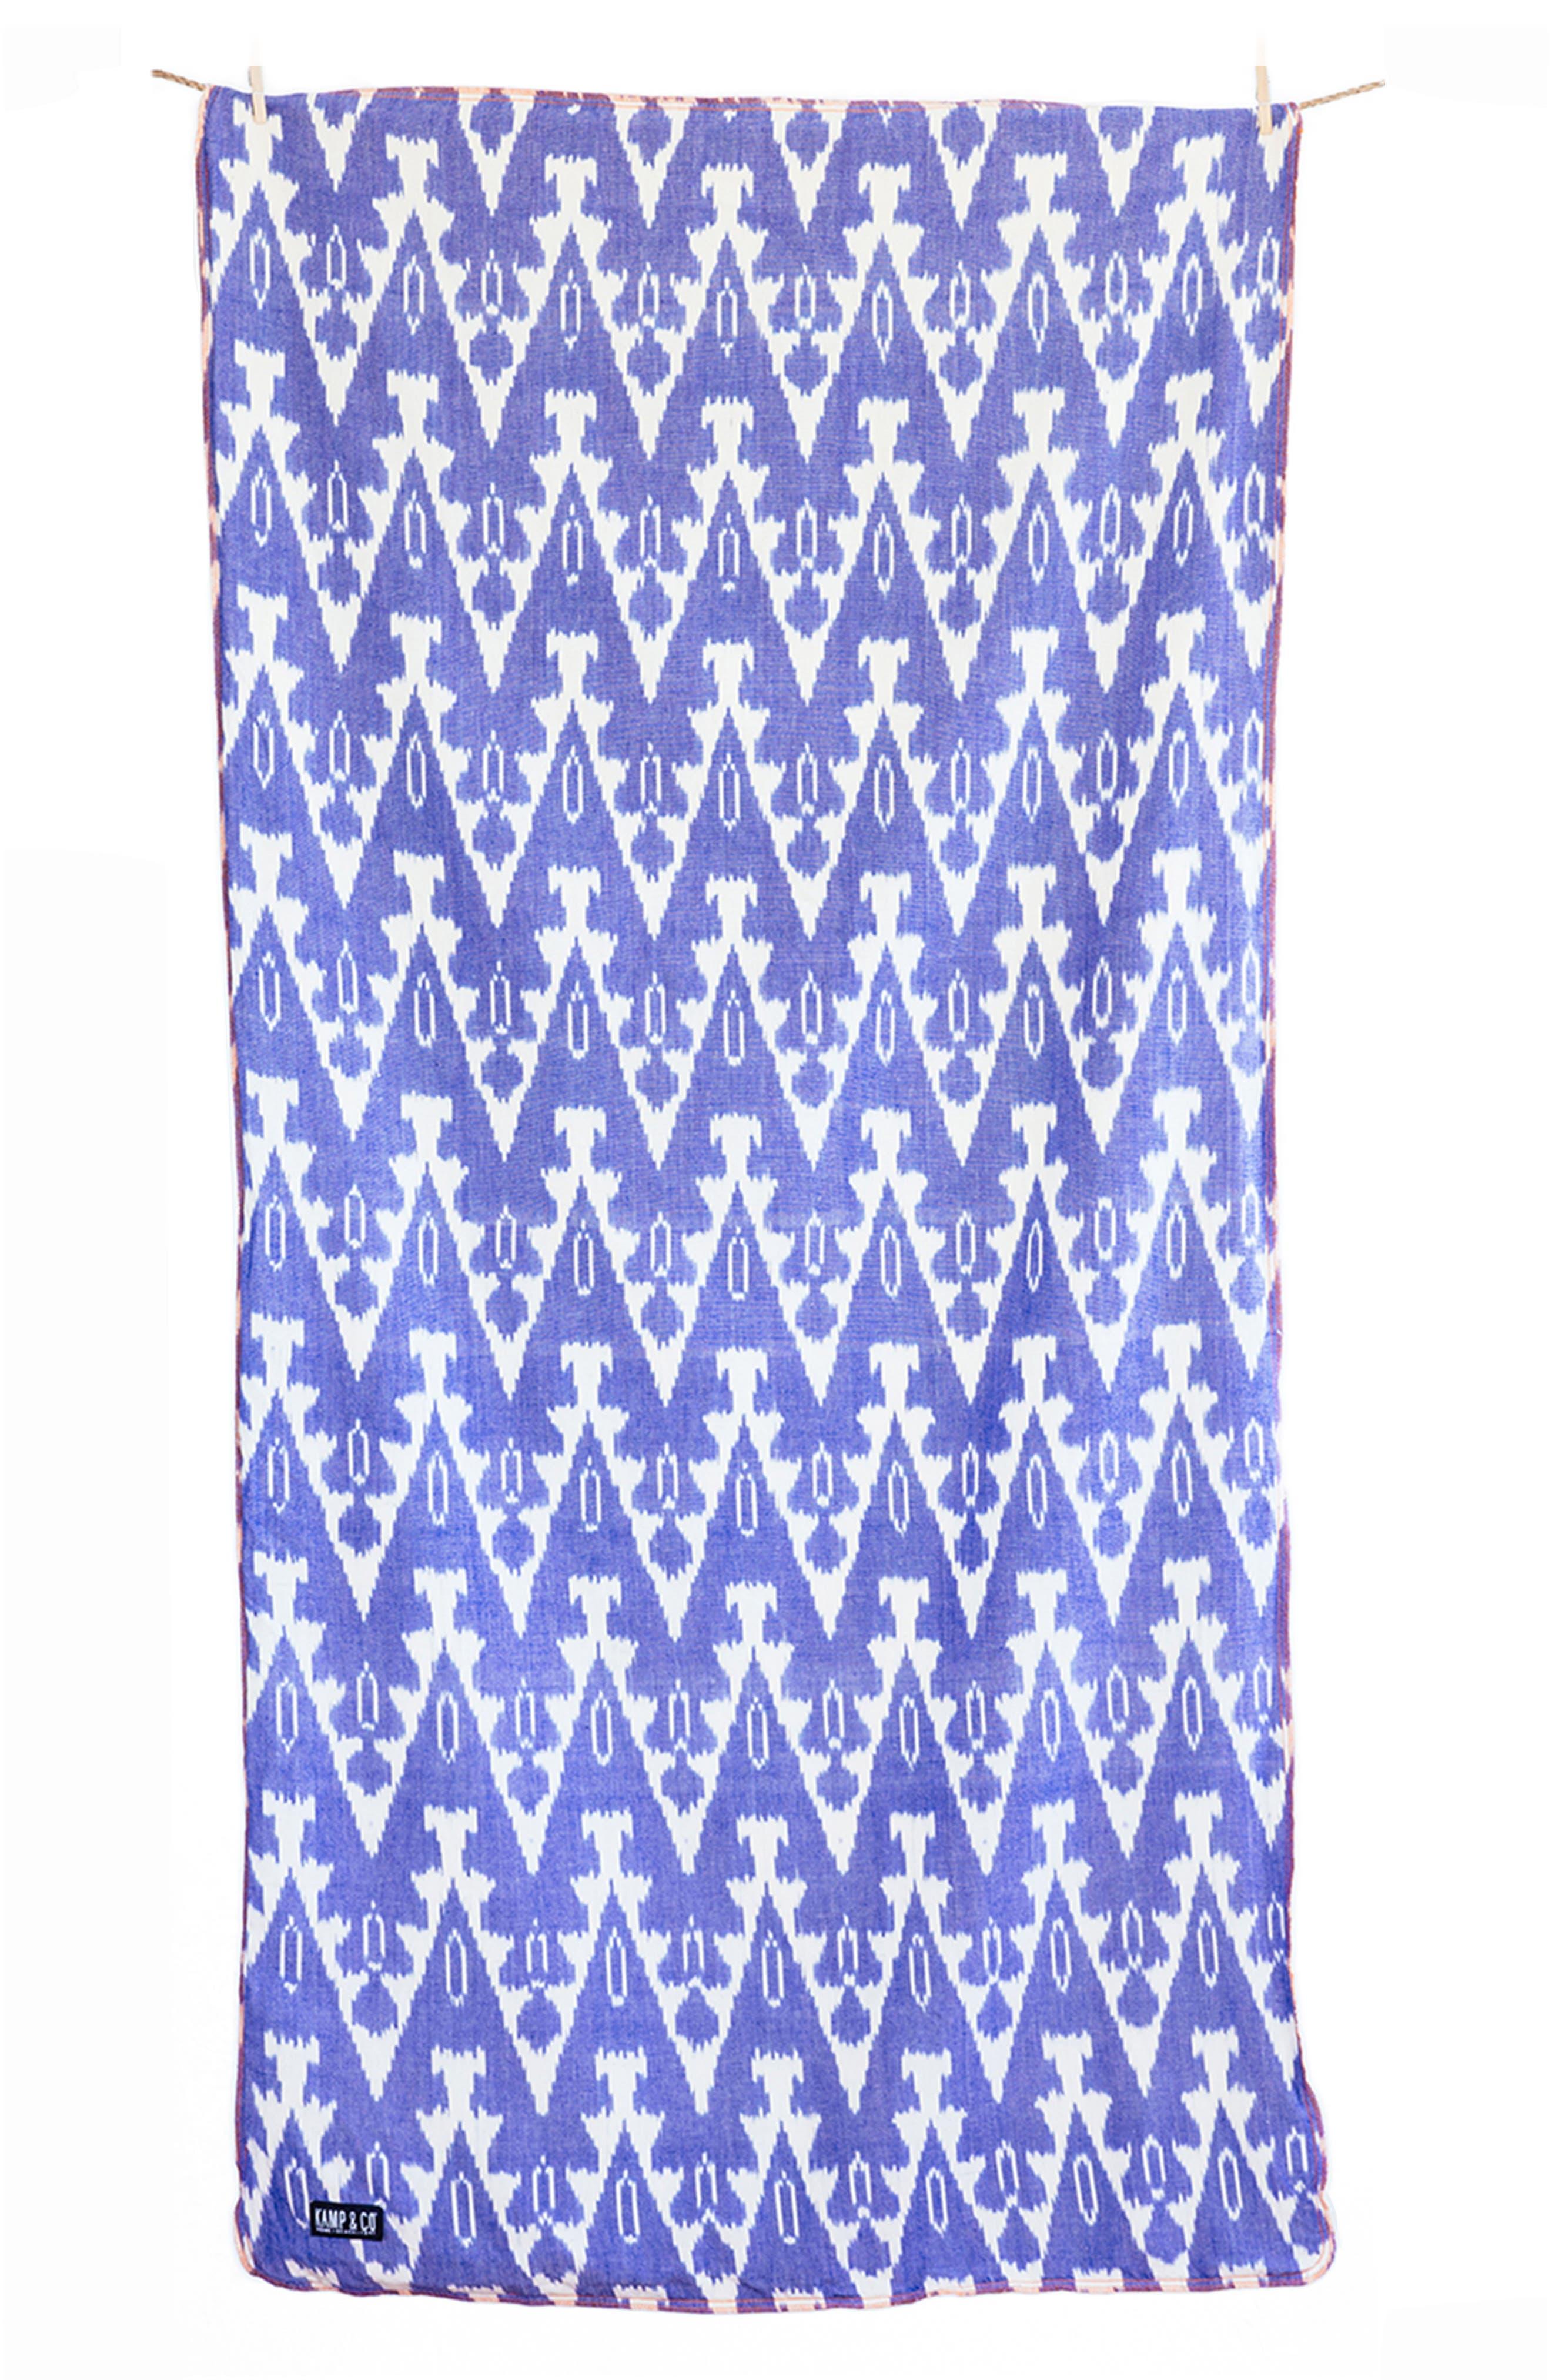 Kamp & Co. Torrey Kamp Towel,                         Main,                         color, 400